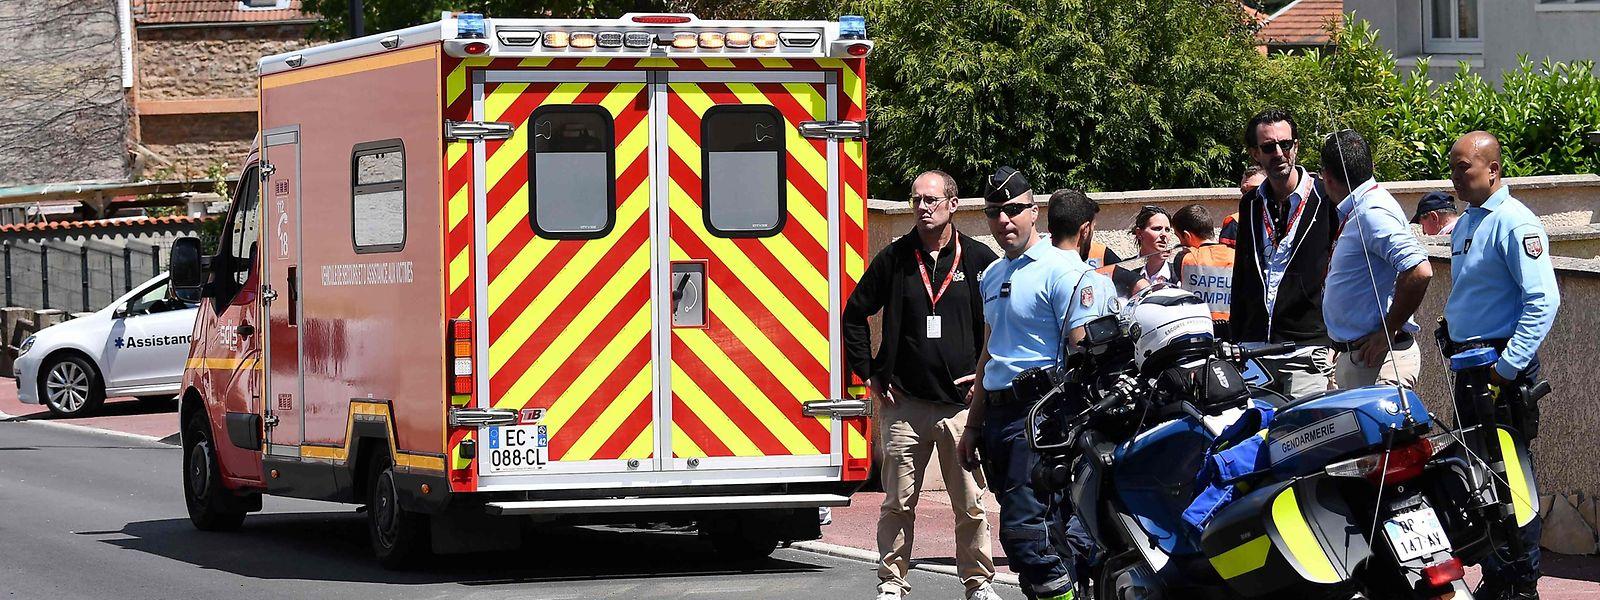 Nach dem Sturz muss Christopher Froome ins Krankenhaus gebracht werden.